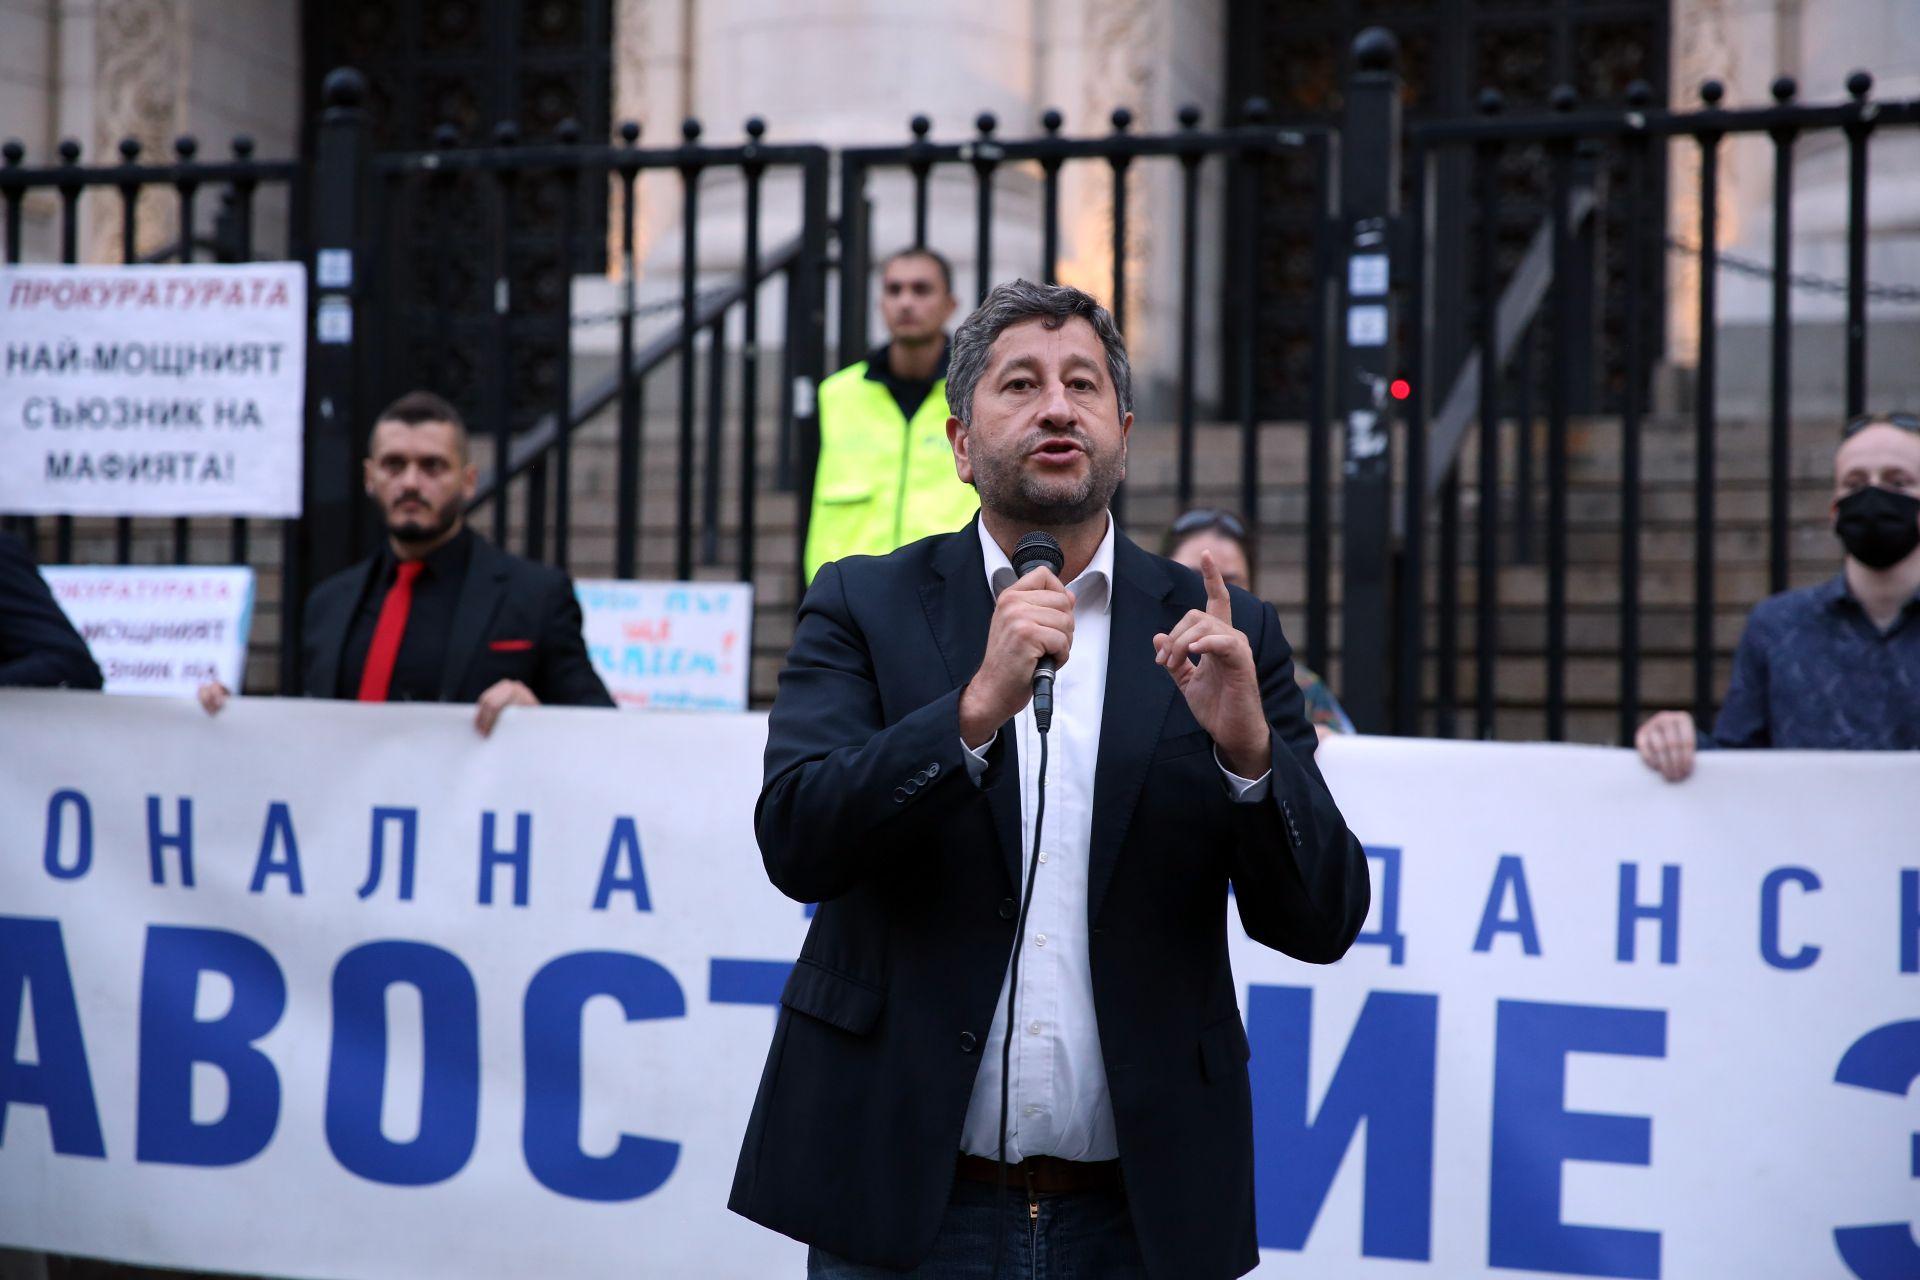 """Христо Иванов на протеста """"Правосъдие без каскет"""""""